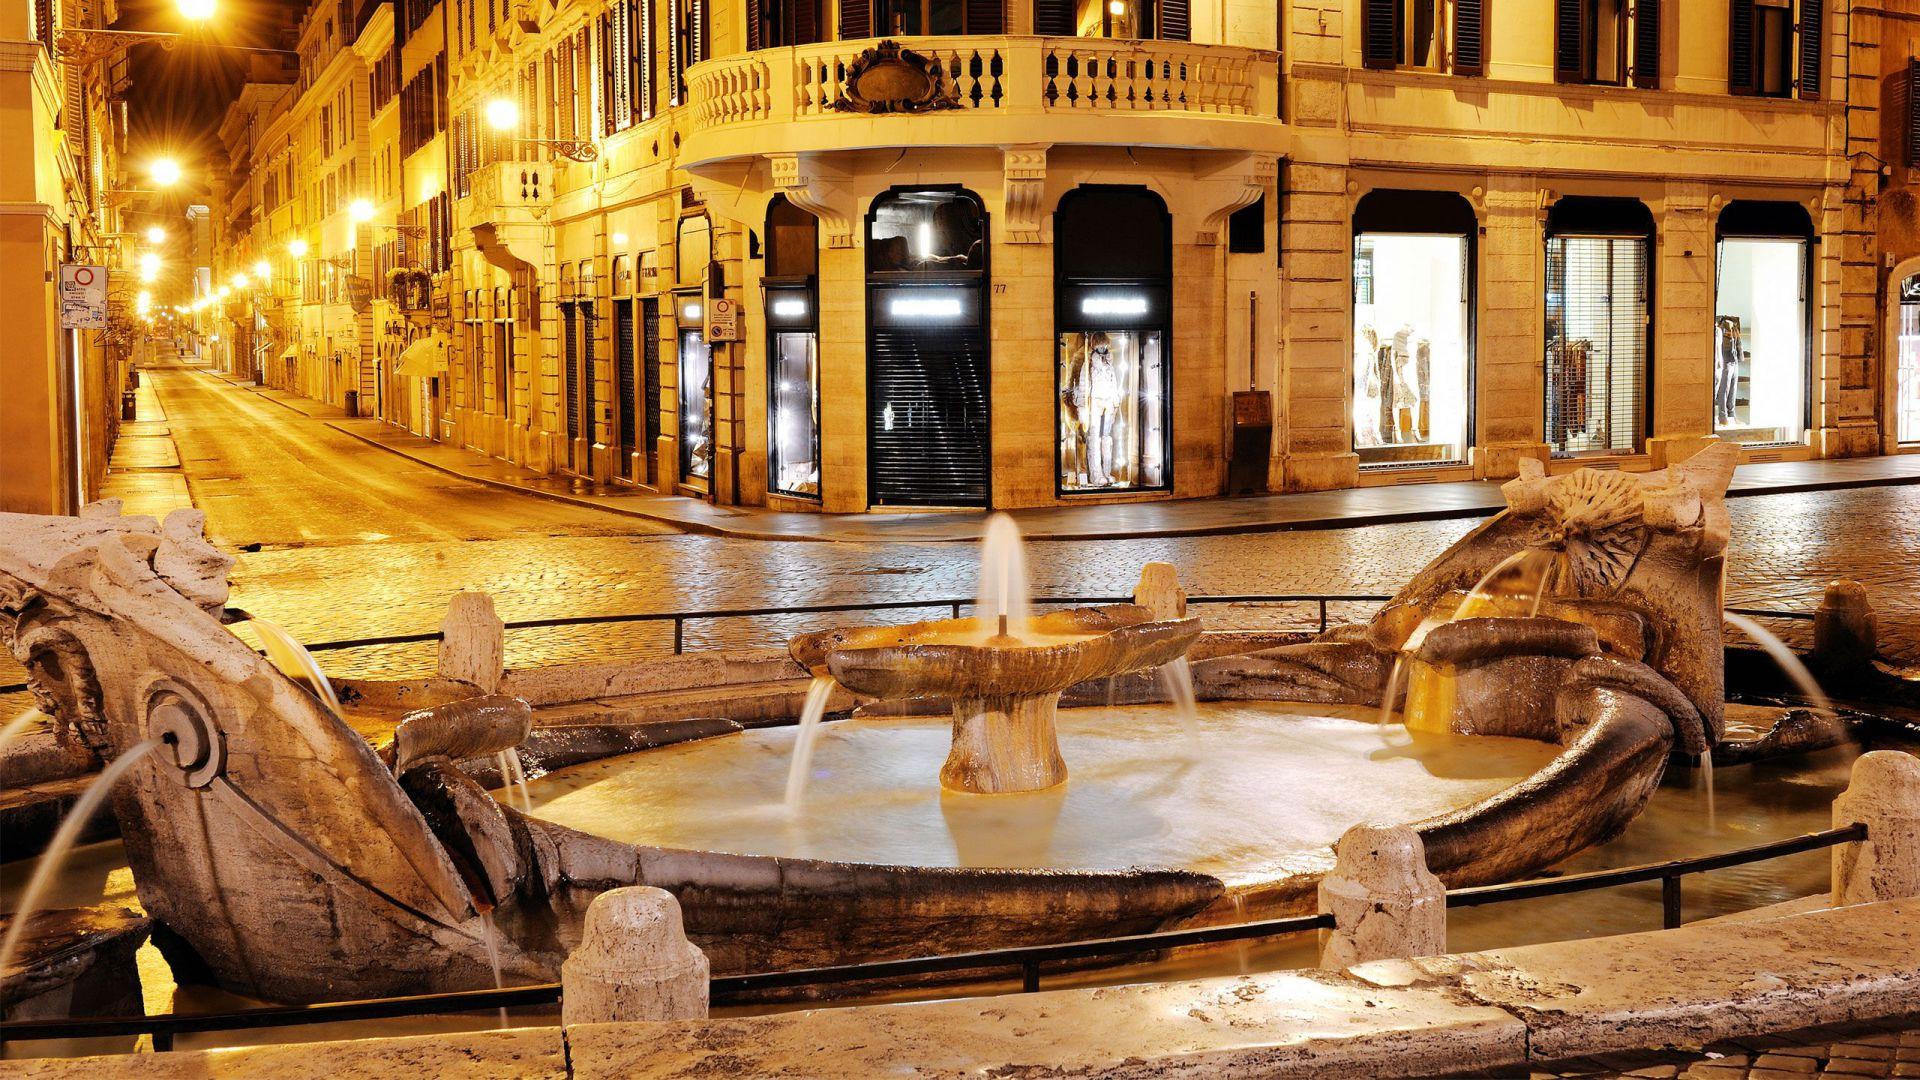 San-Carlo-Suite-Roma-piazza-di-spagna